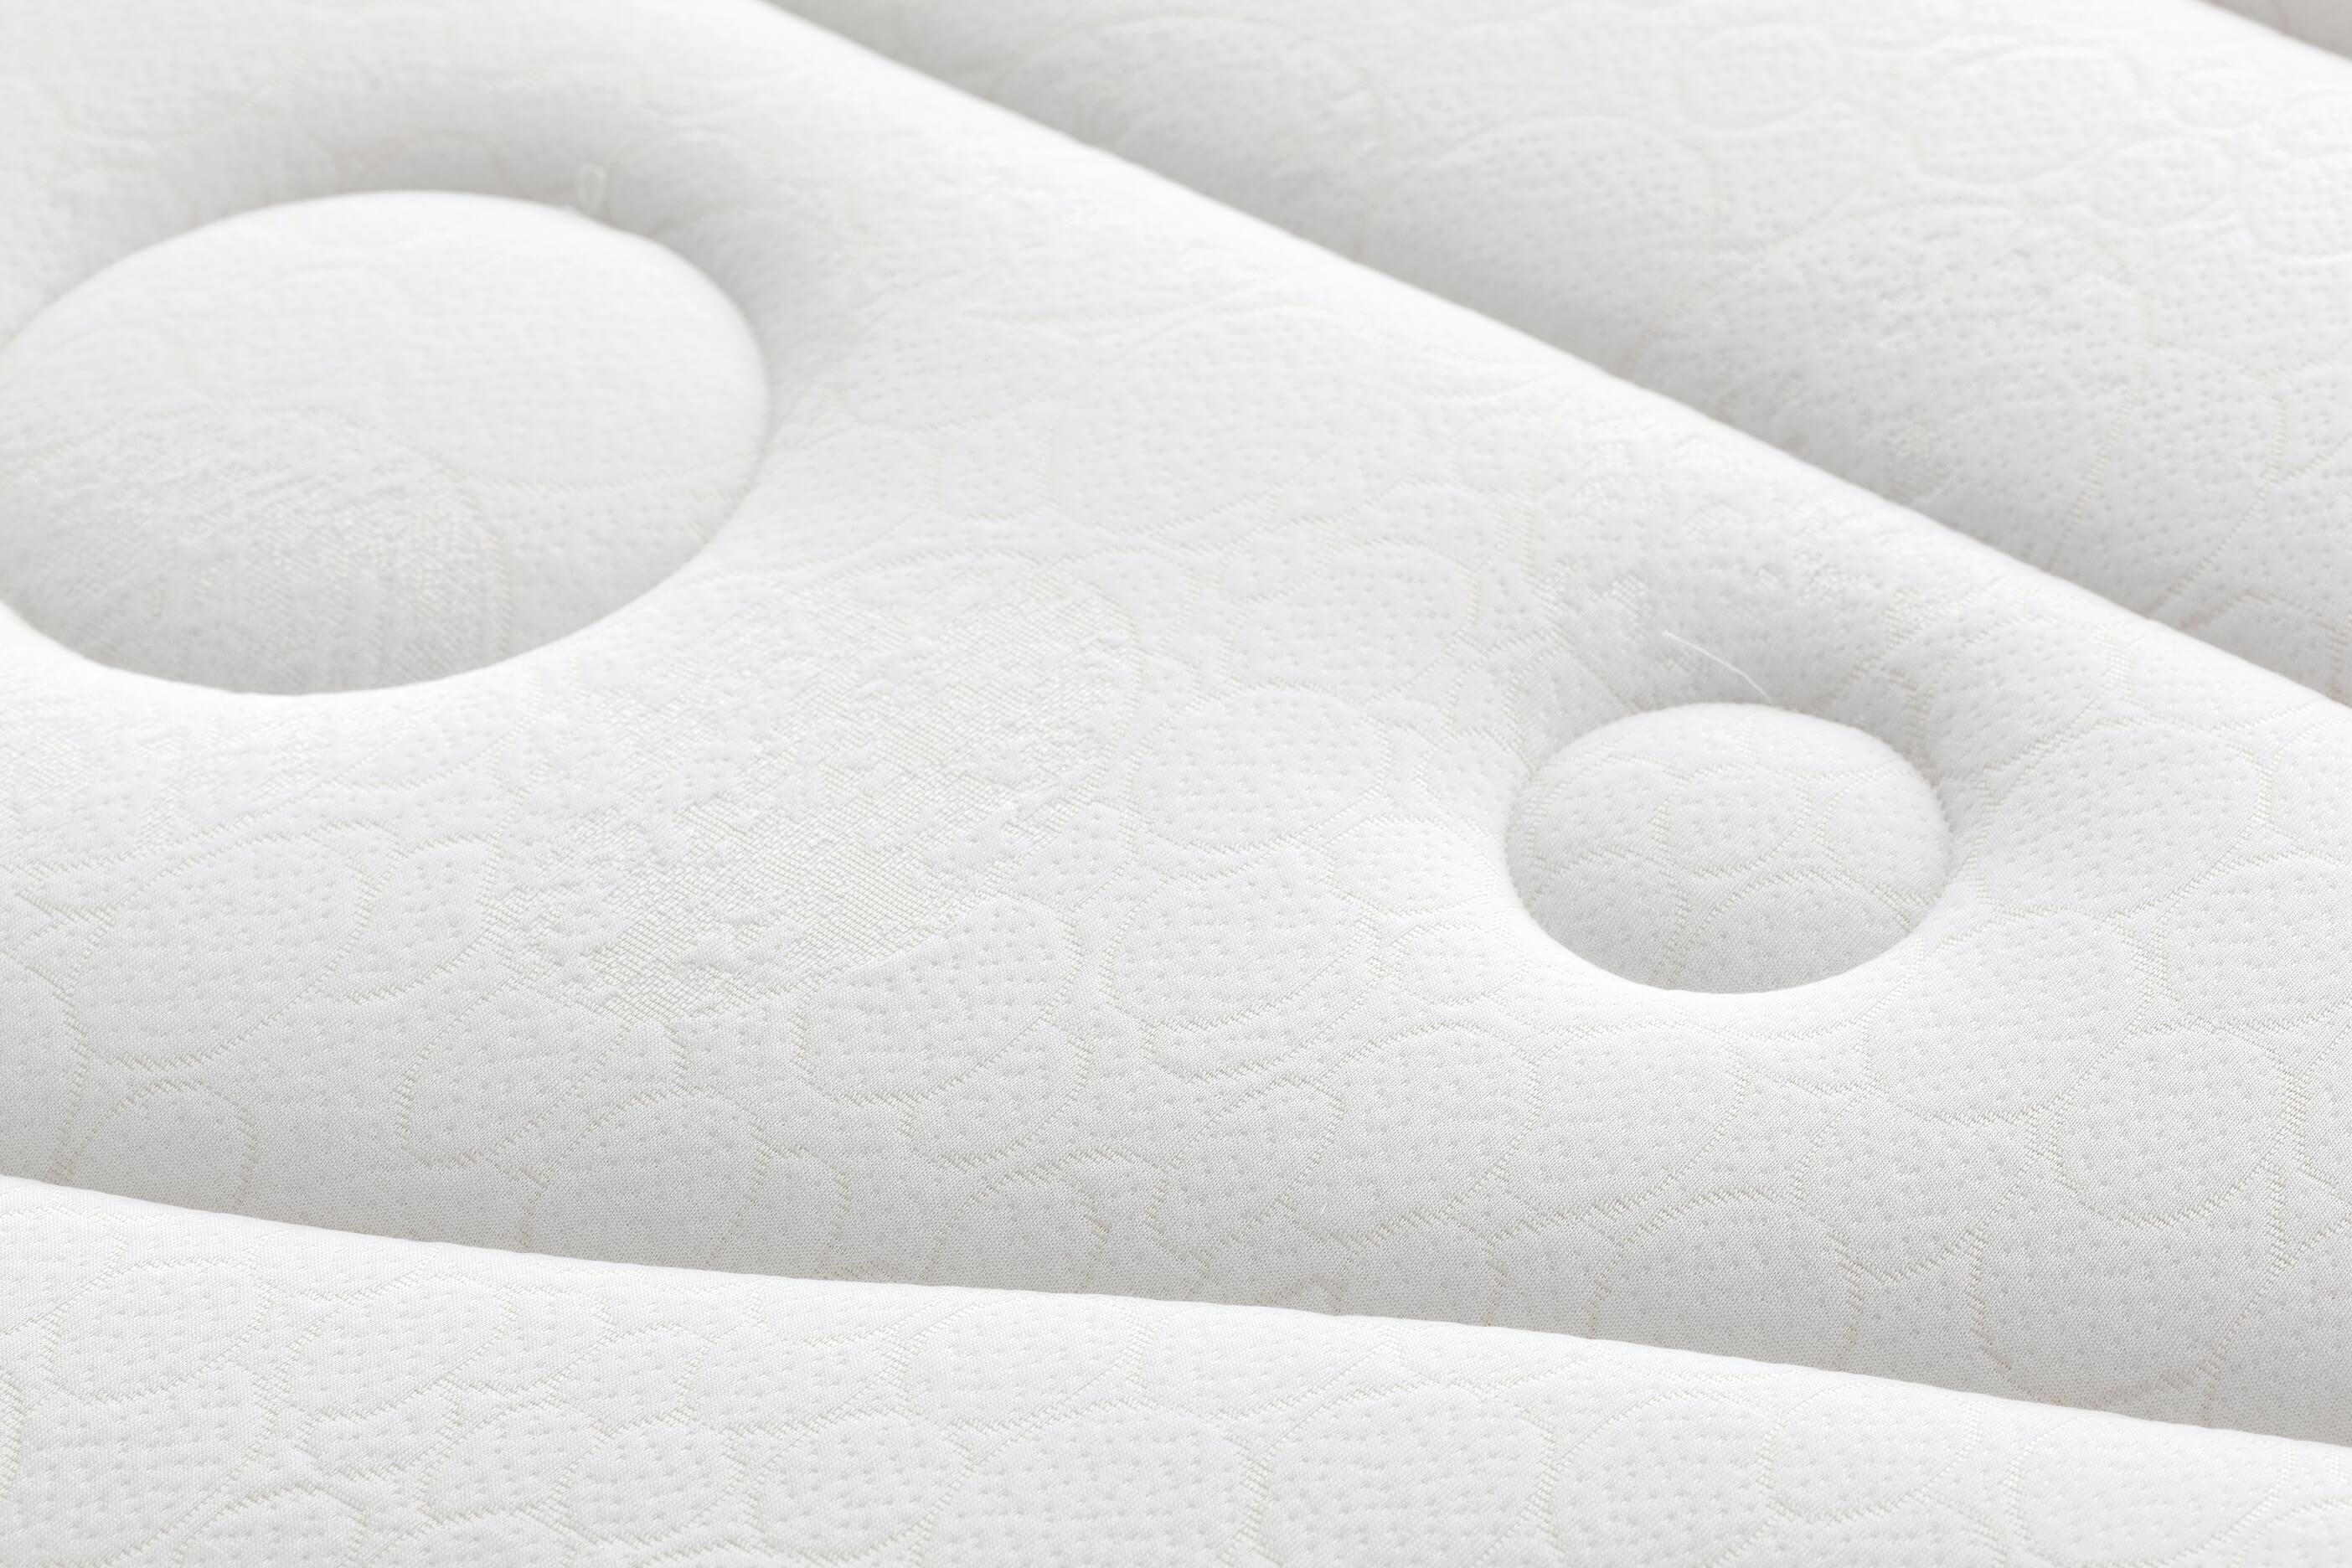 Detalle cara verano colchón ortopédico lana